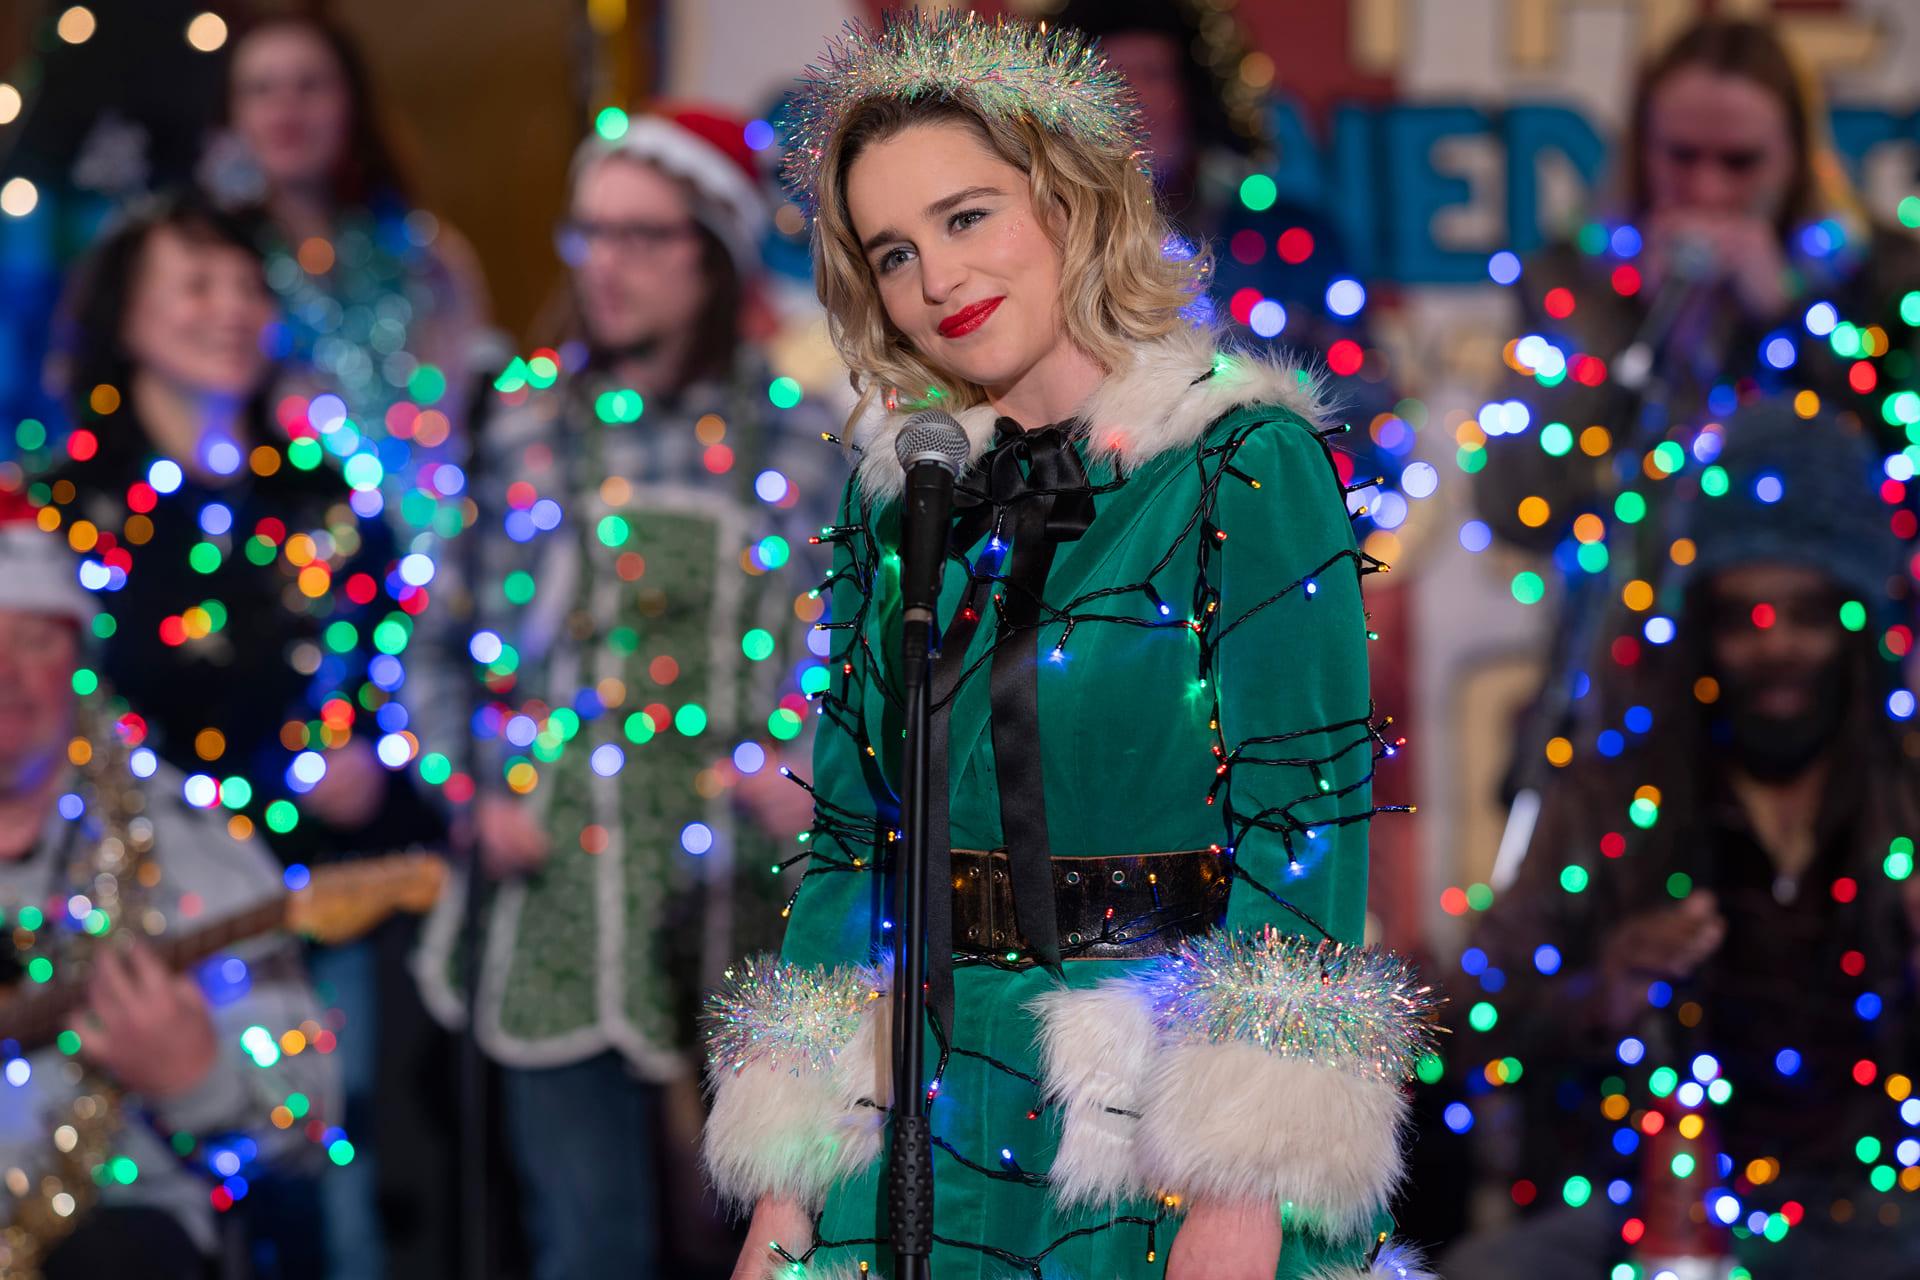 Новогодняя музыка может повредить психическому здоровью